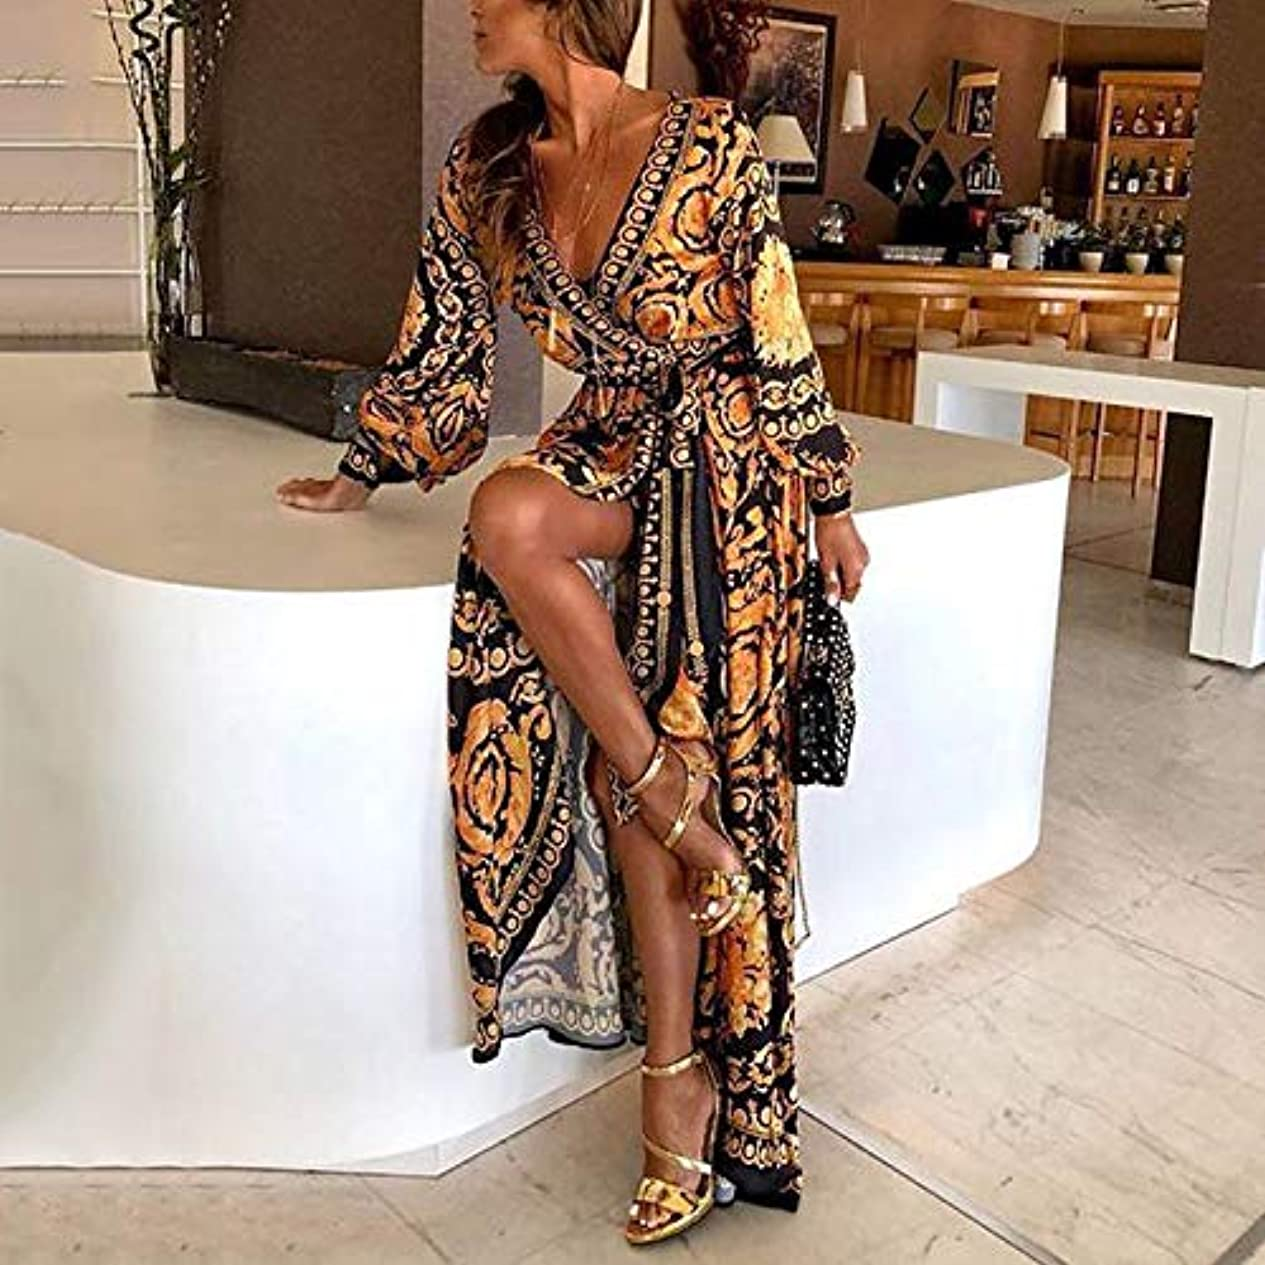 Onderroa - ファッションエレガントな女性のセクシーなボートネックグリッターディープVネックドレスパーティーフォーマルロングドレスを印刷